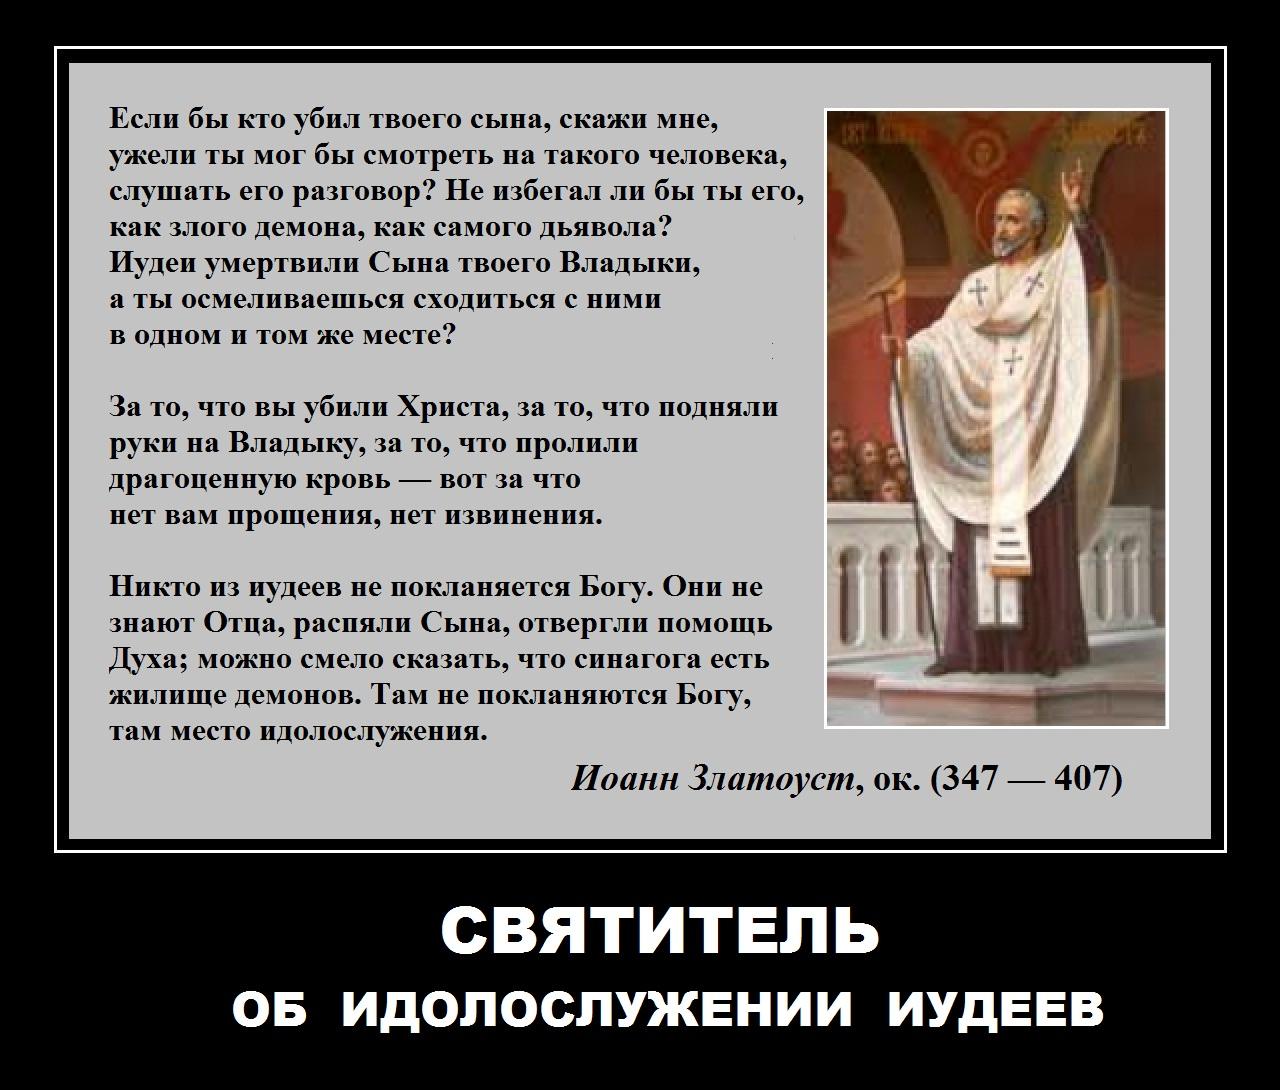 Святитель об идолослужении иудеев